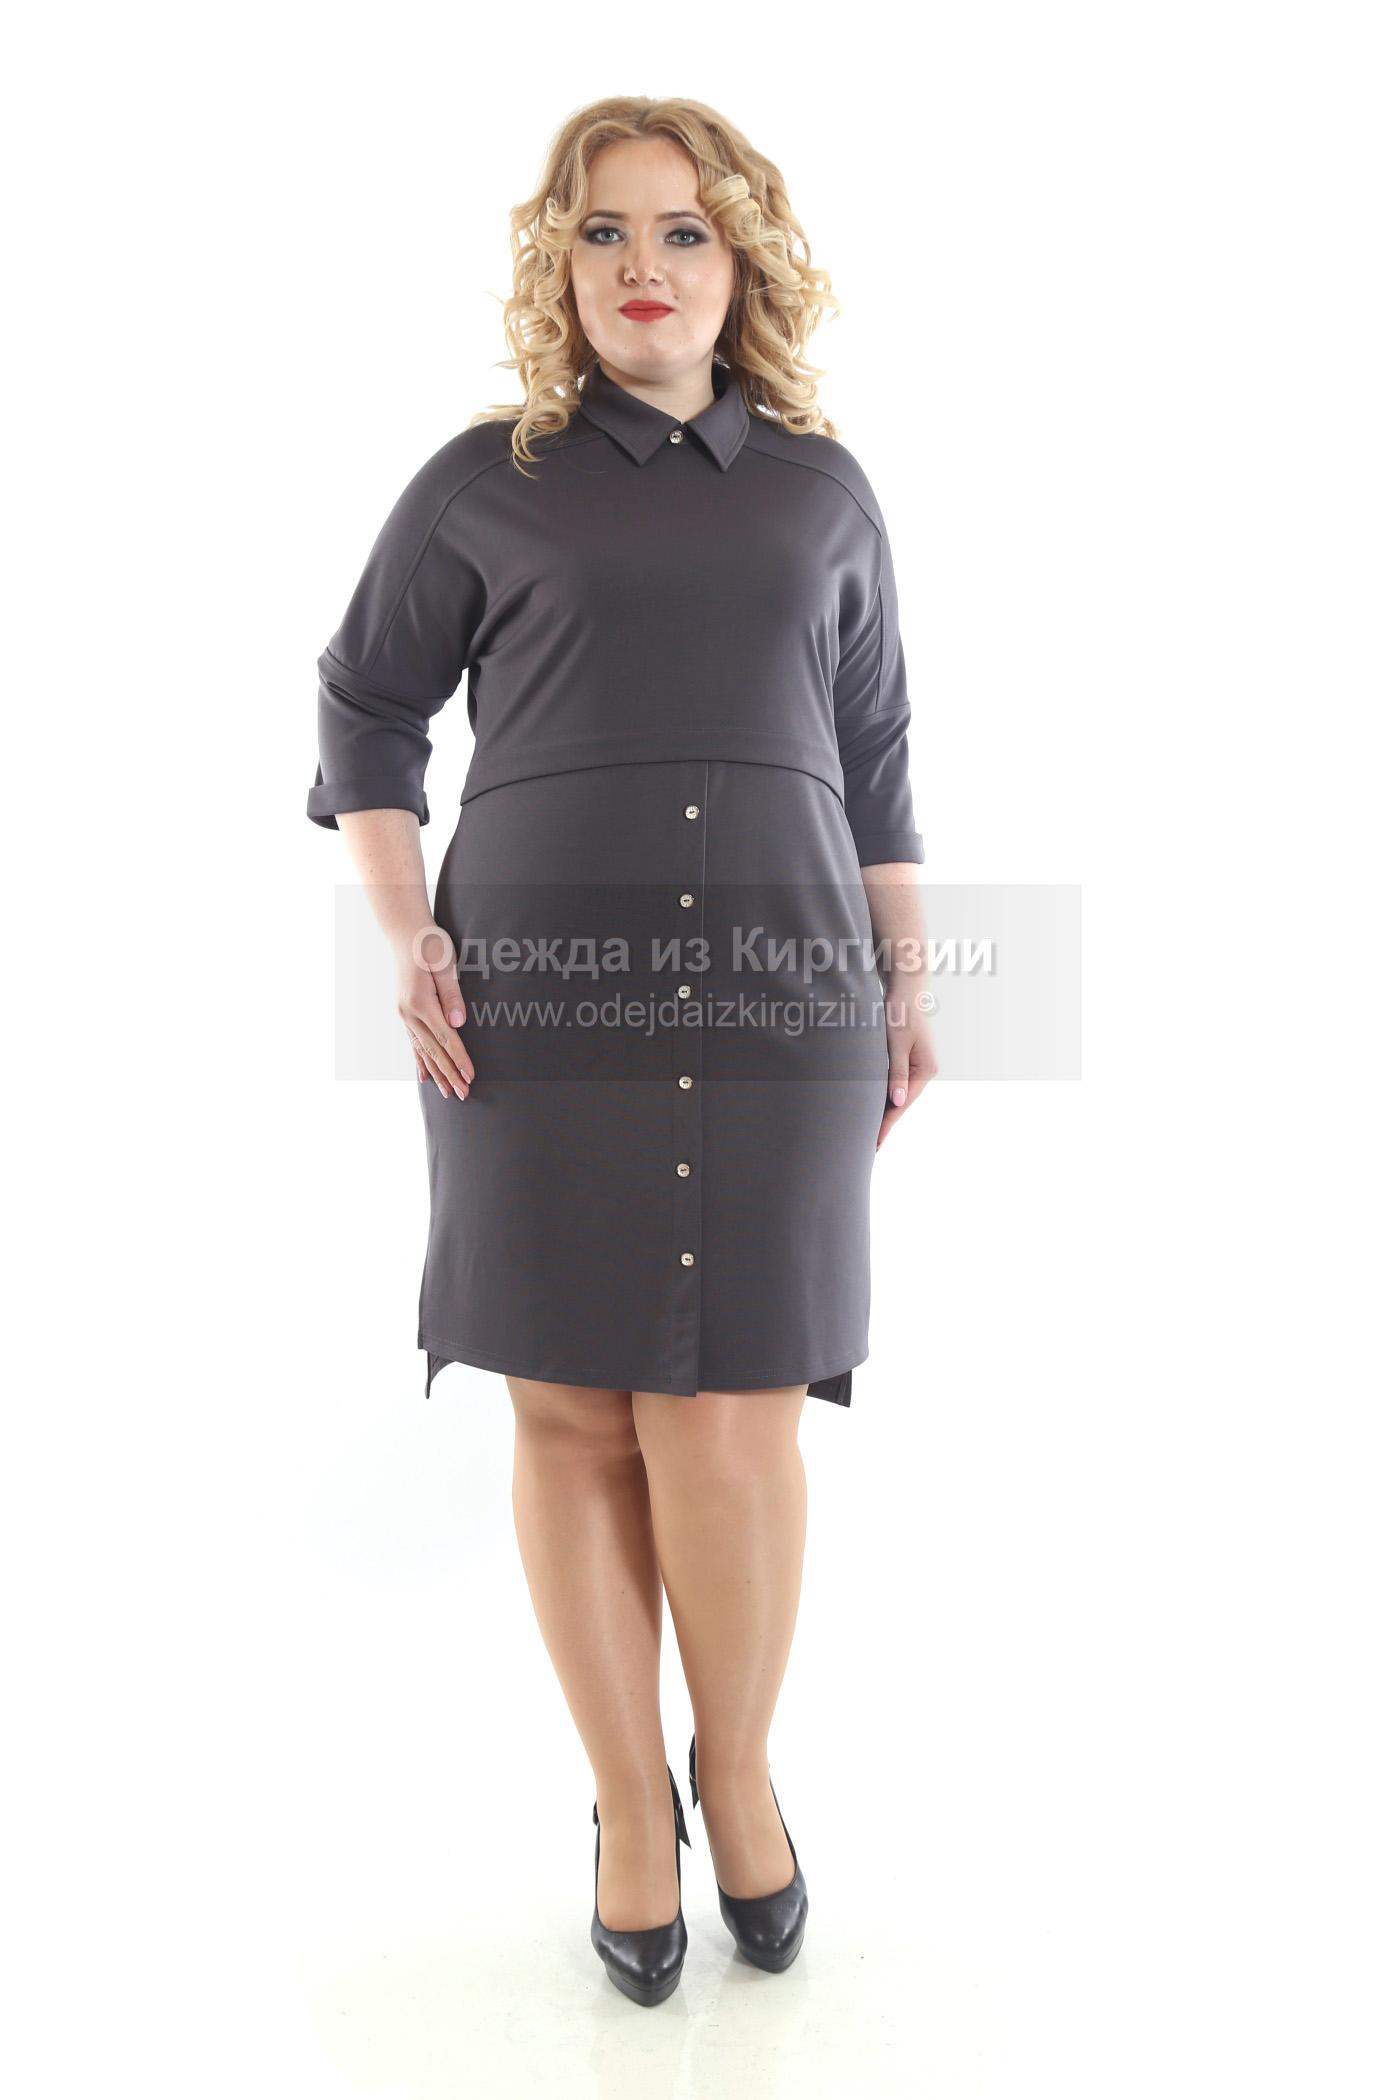 Платье TIM-Воротничок-02